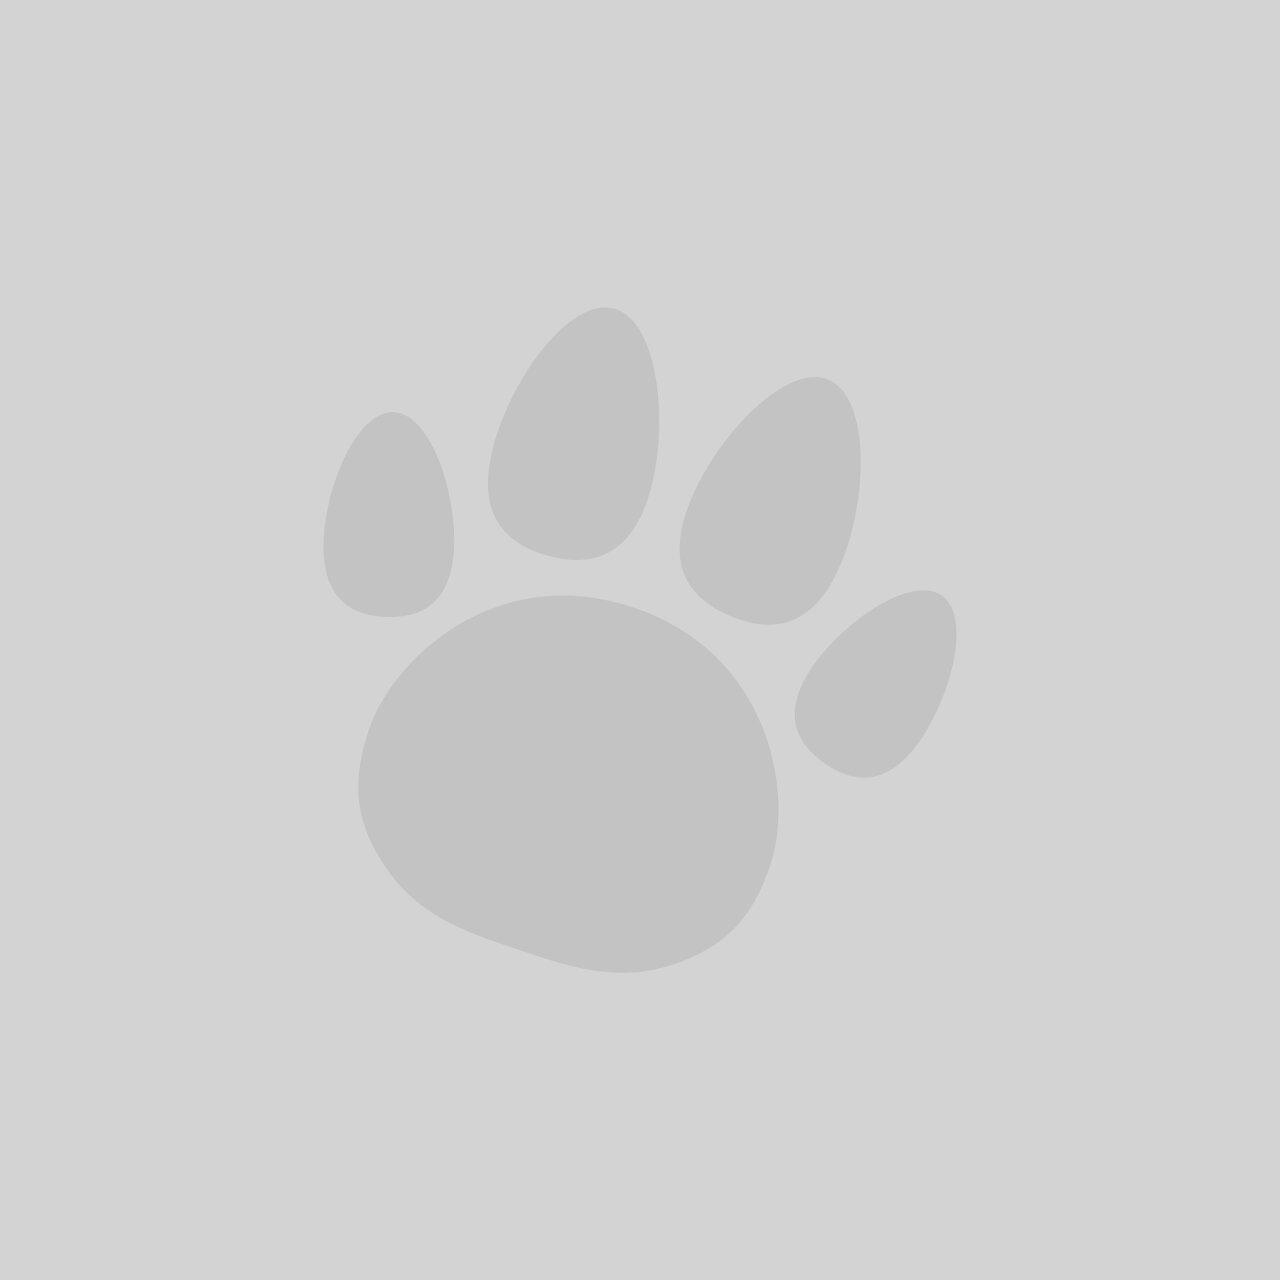 Pedigree Biscrok Gravy Bones Biscuit Dog Treats 400g